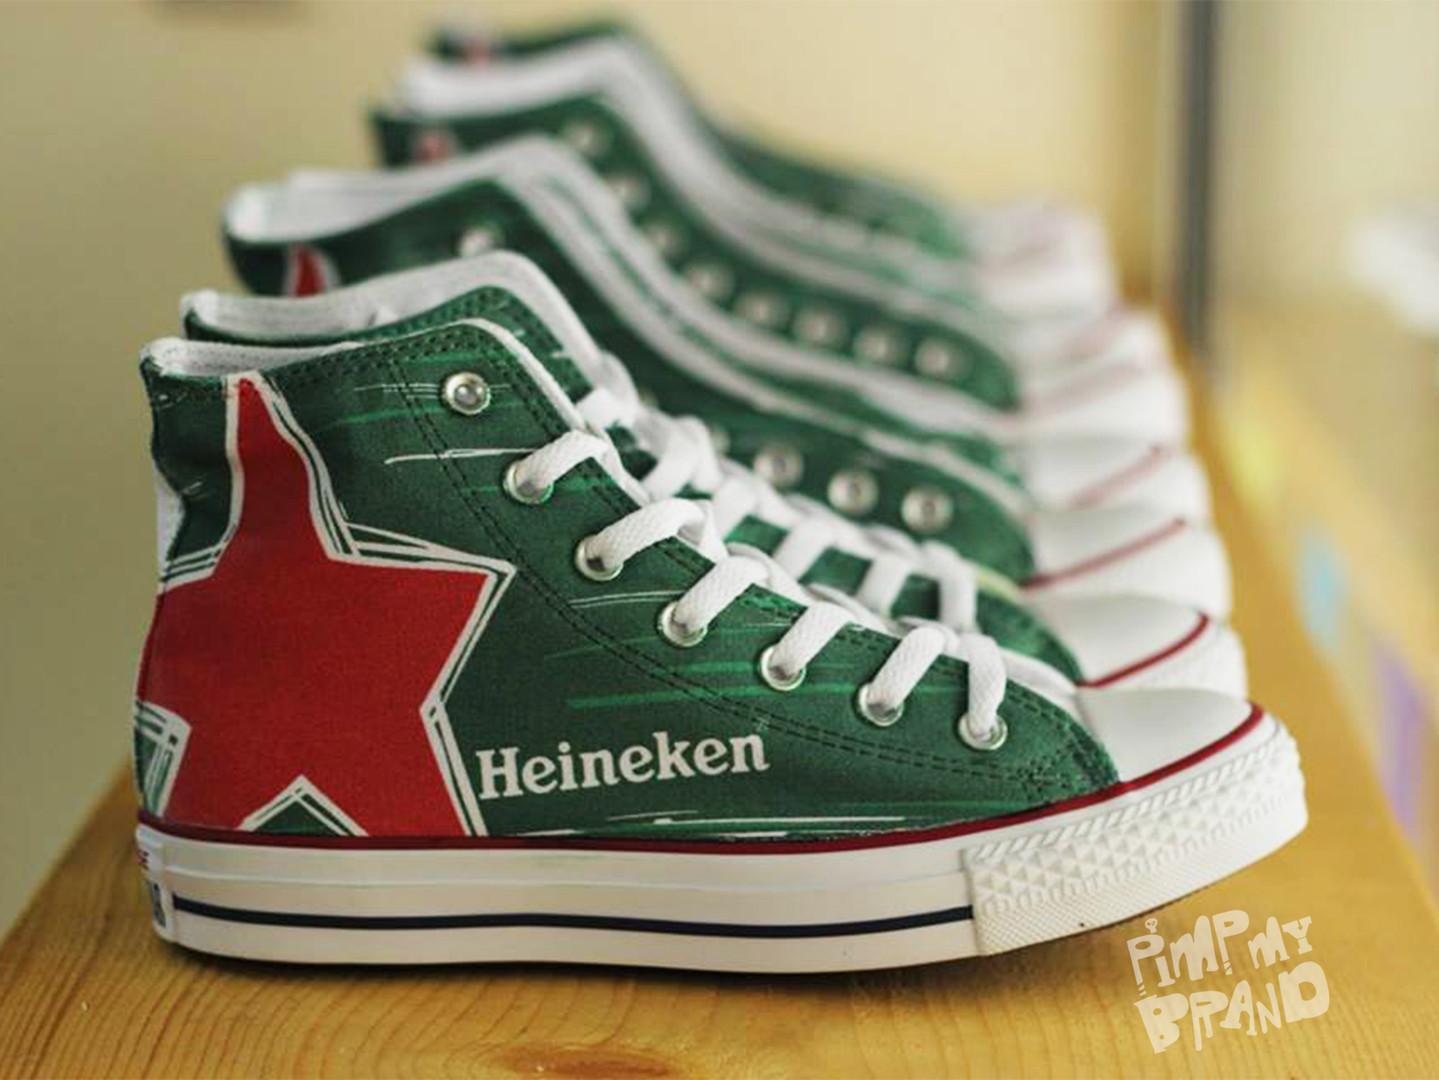 Heineken Kicks